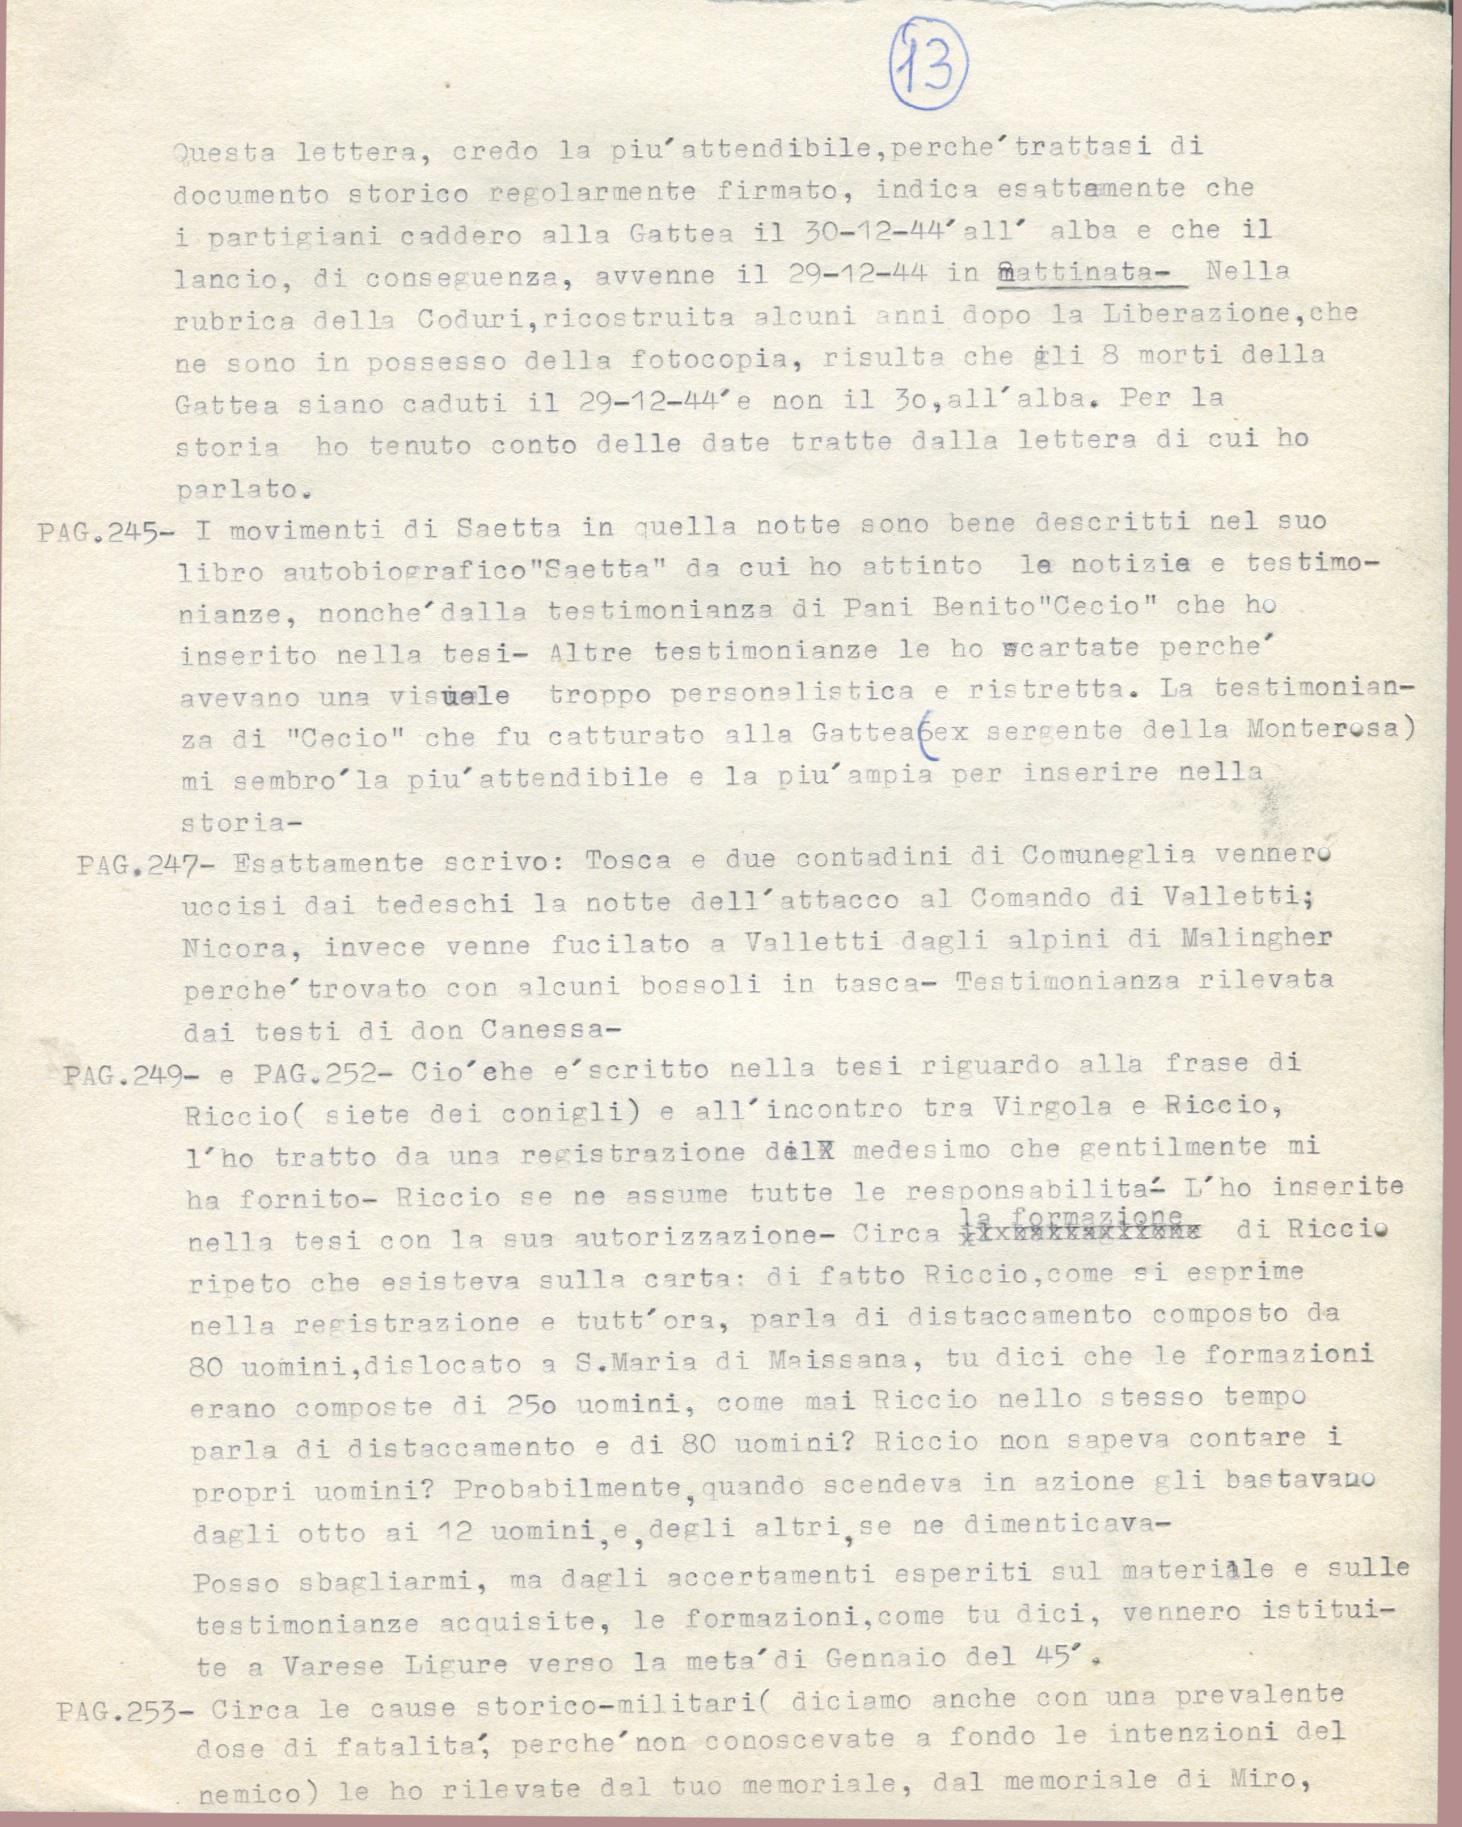 Lettera di Amato Berti a Bruno Monti Leone pag, 13